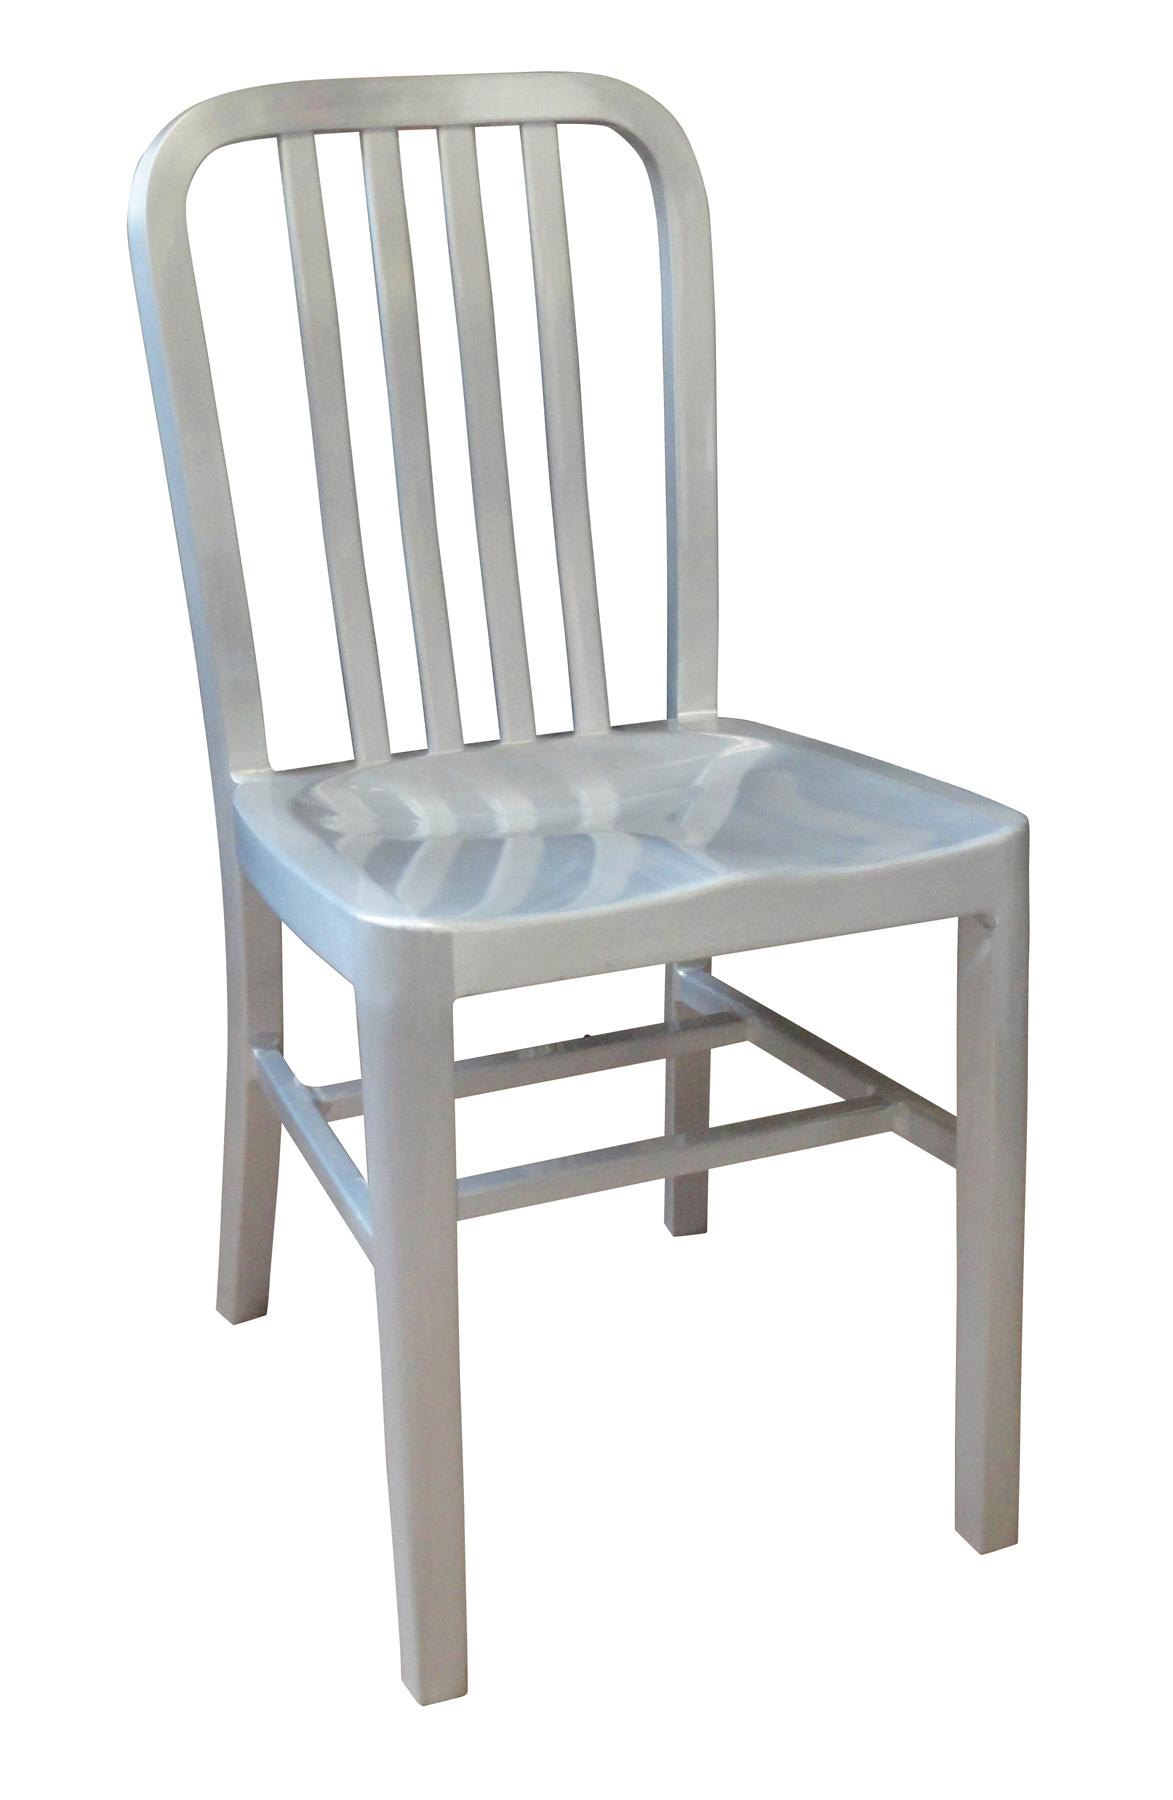 HPN 100 New Retro Dining Classic Aluminum Chair